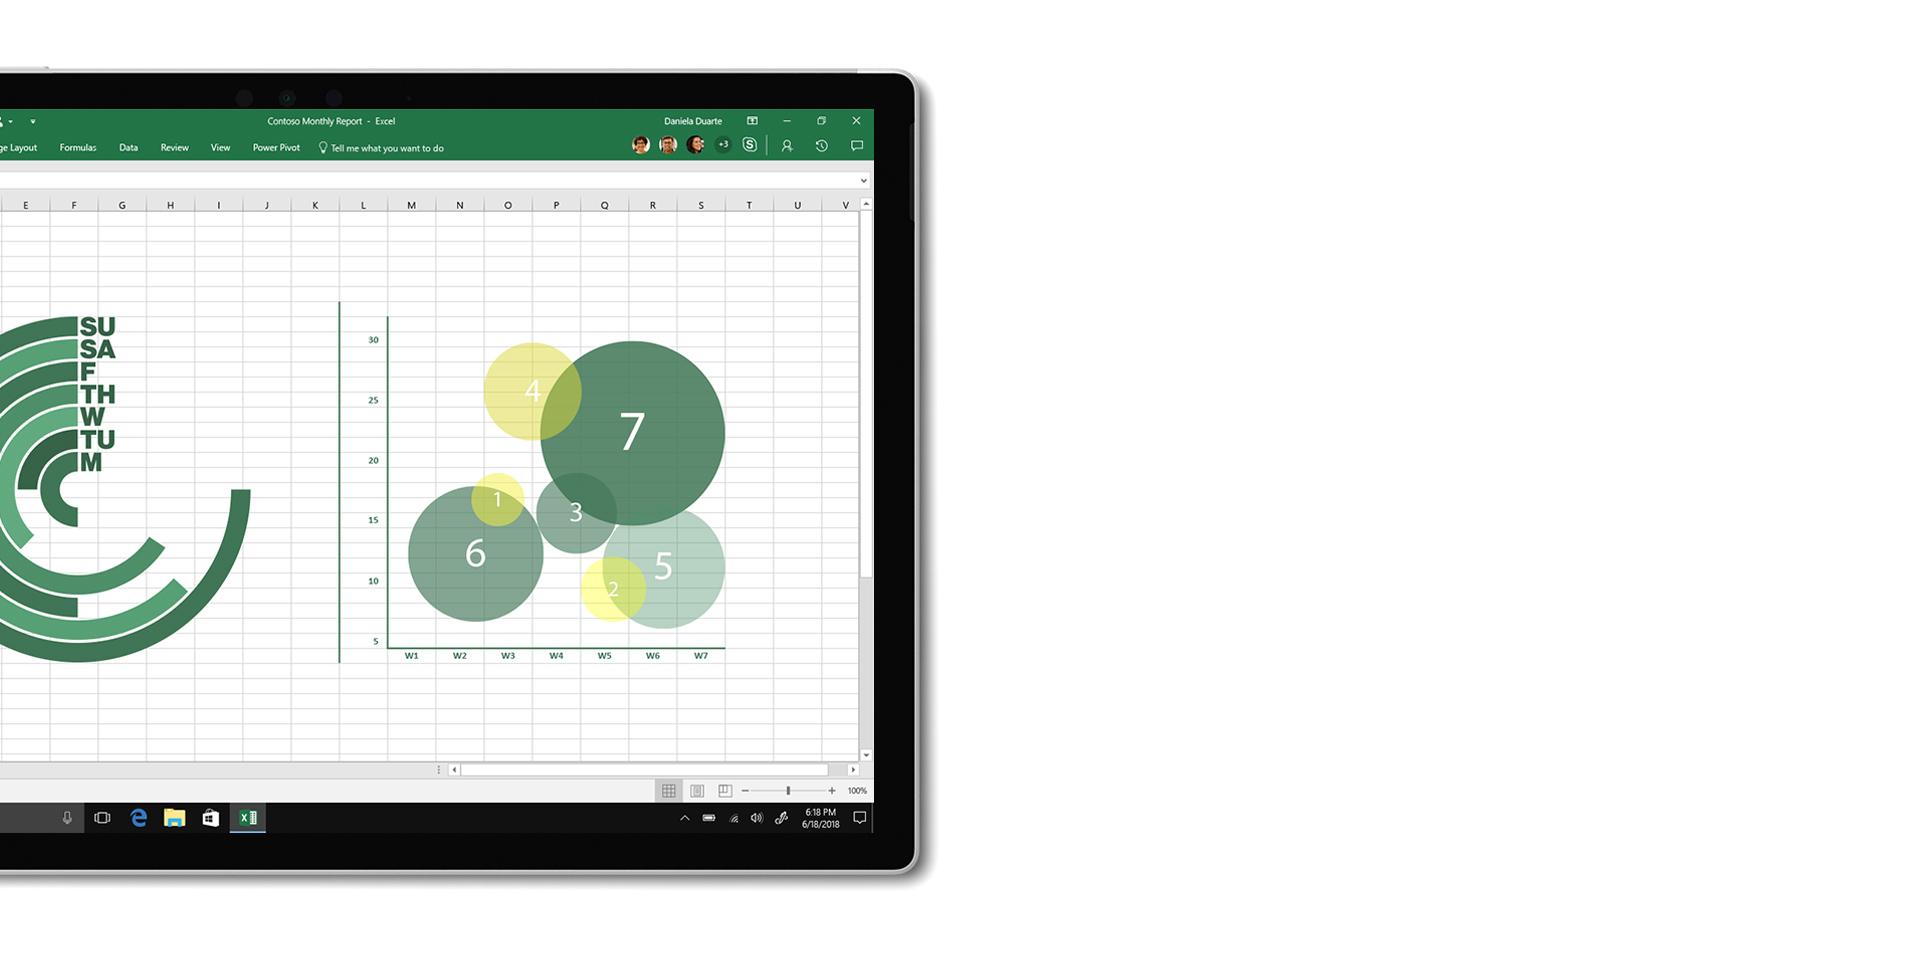 Excel-appen visas på skärmen av Surface Book 2 med tangentbordet frånkopplat.